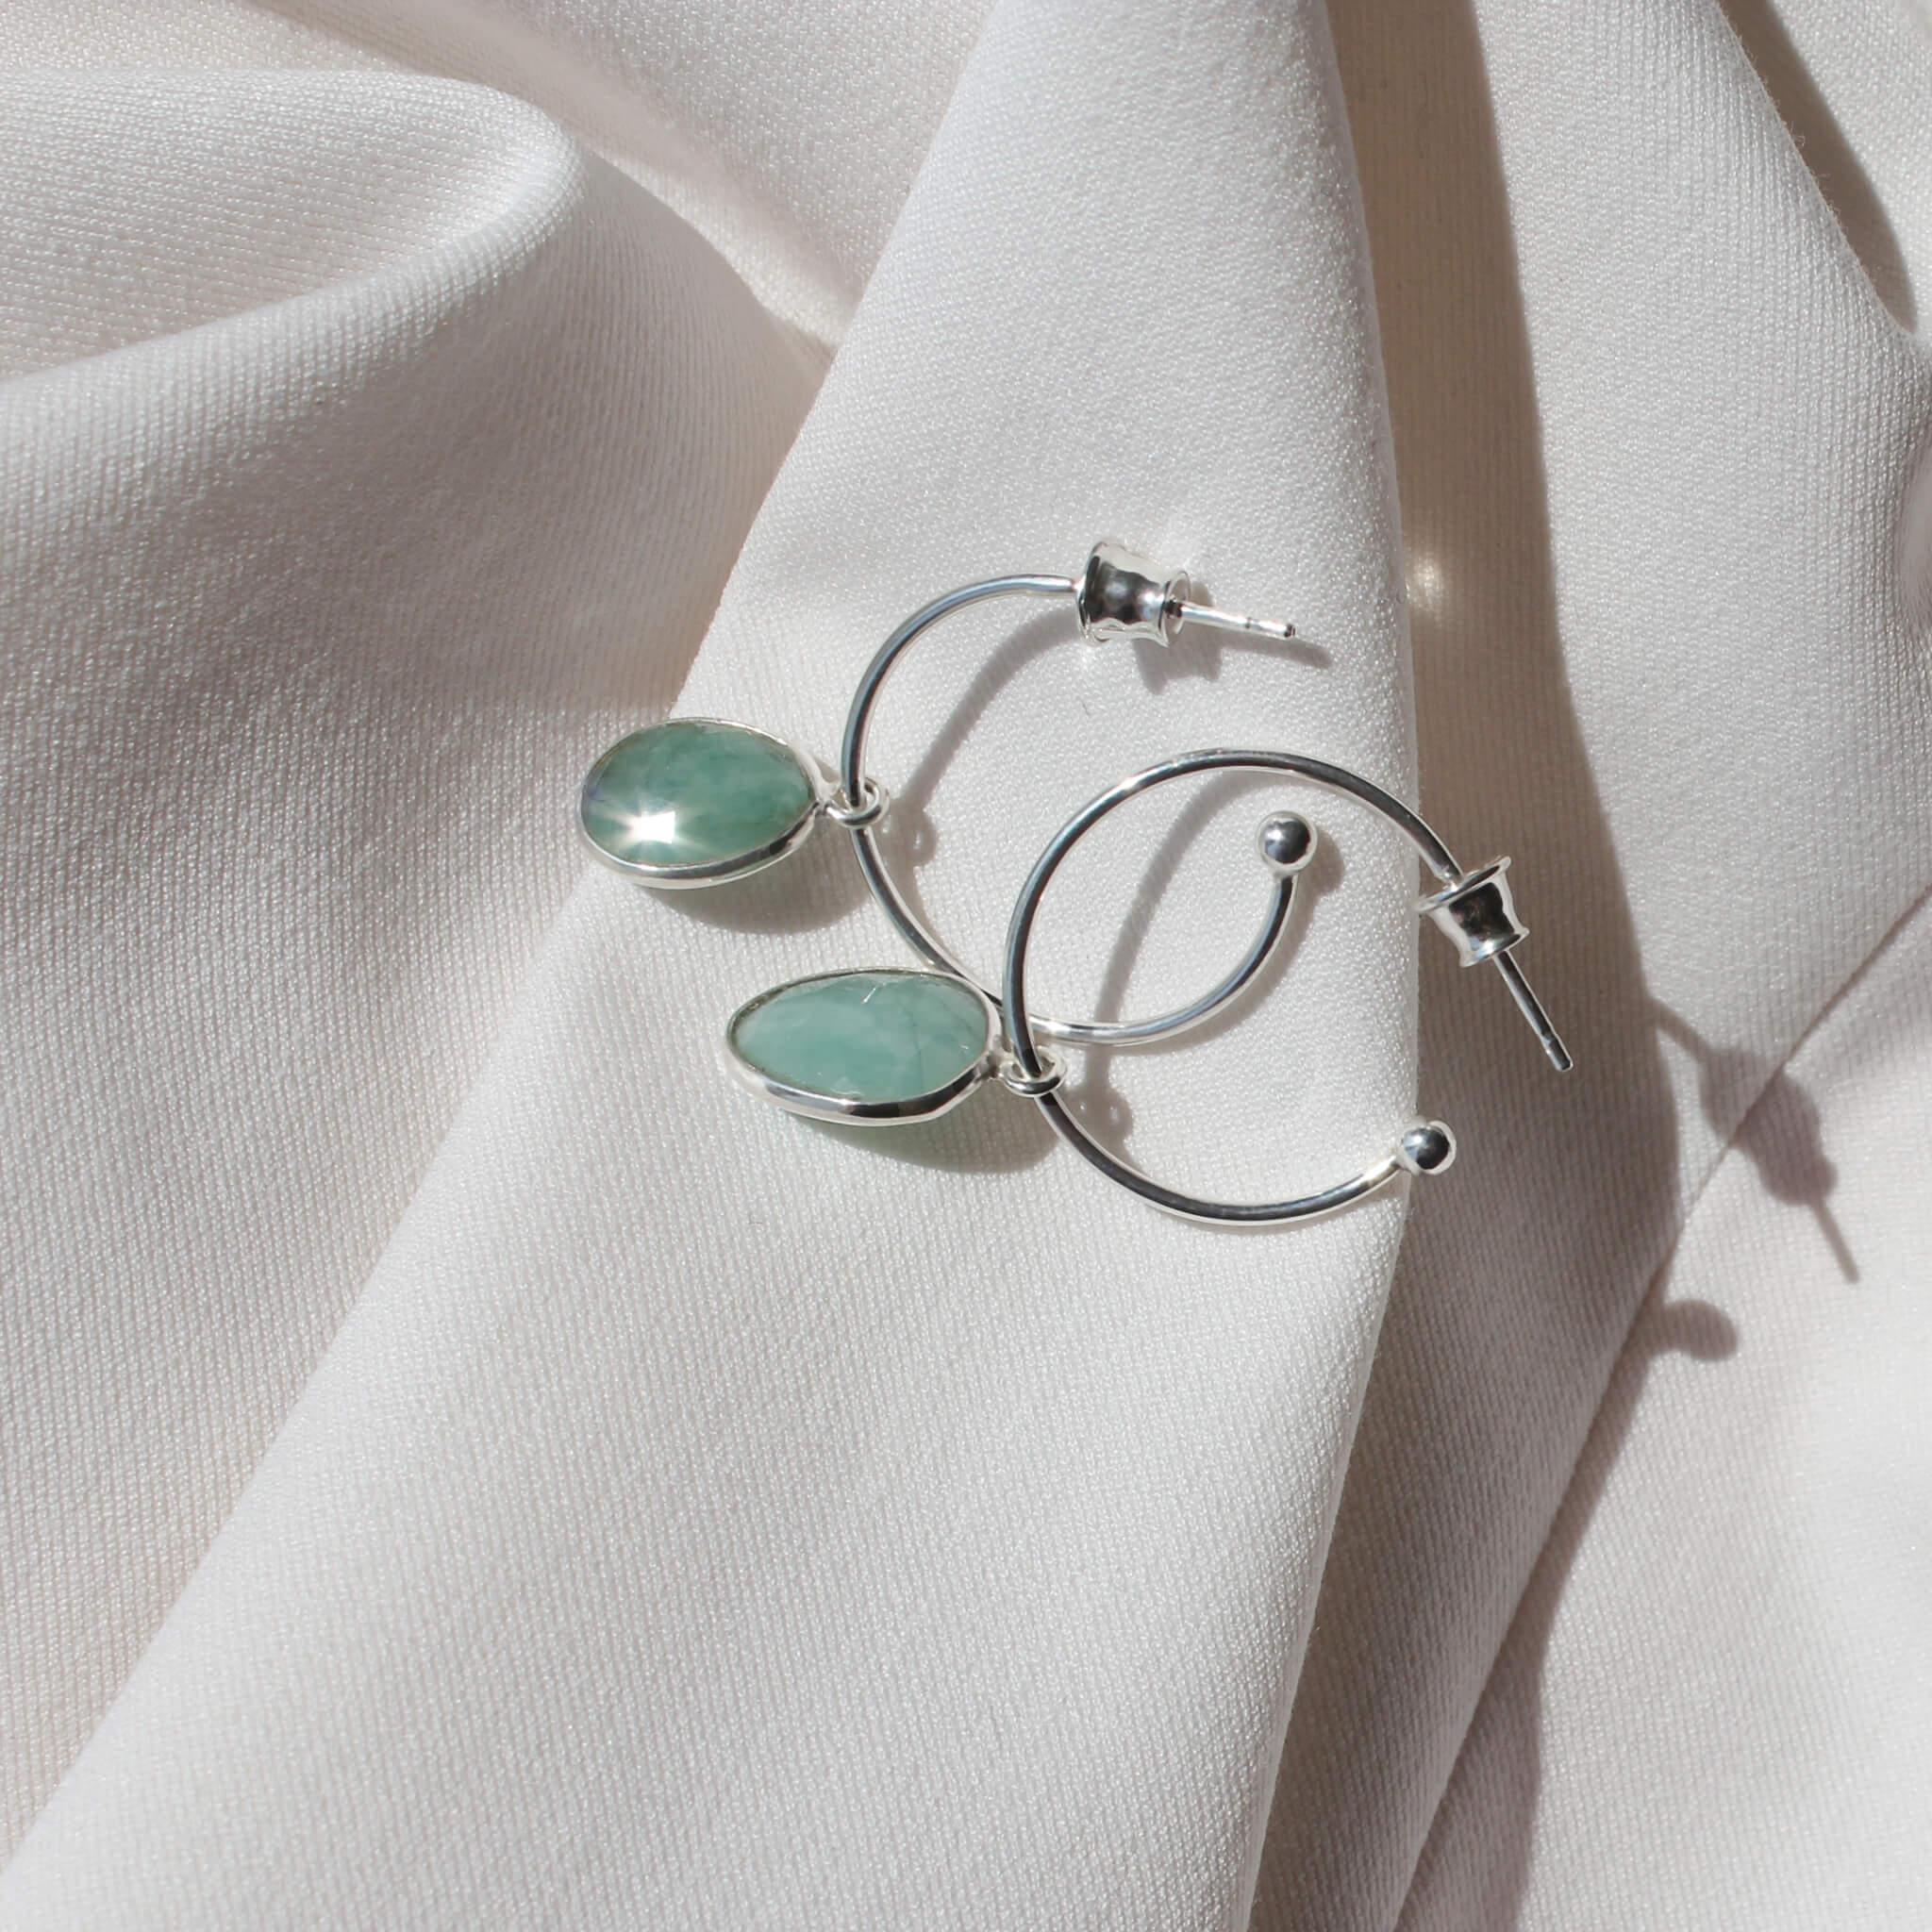 Srebrne kolczyki z zawieszką w formie naturalnych szmaragdów na jasnym materiale